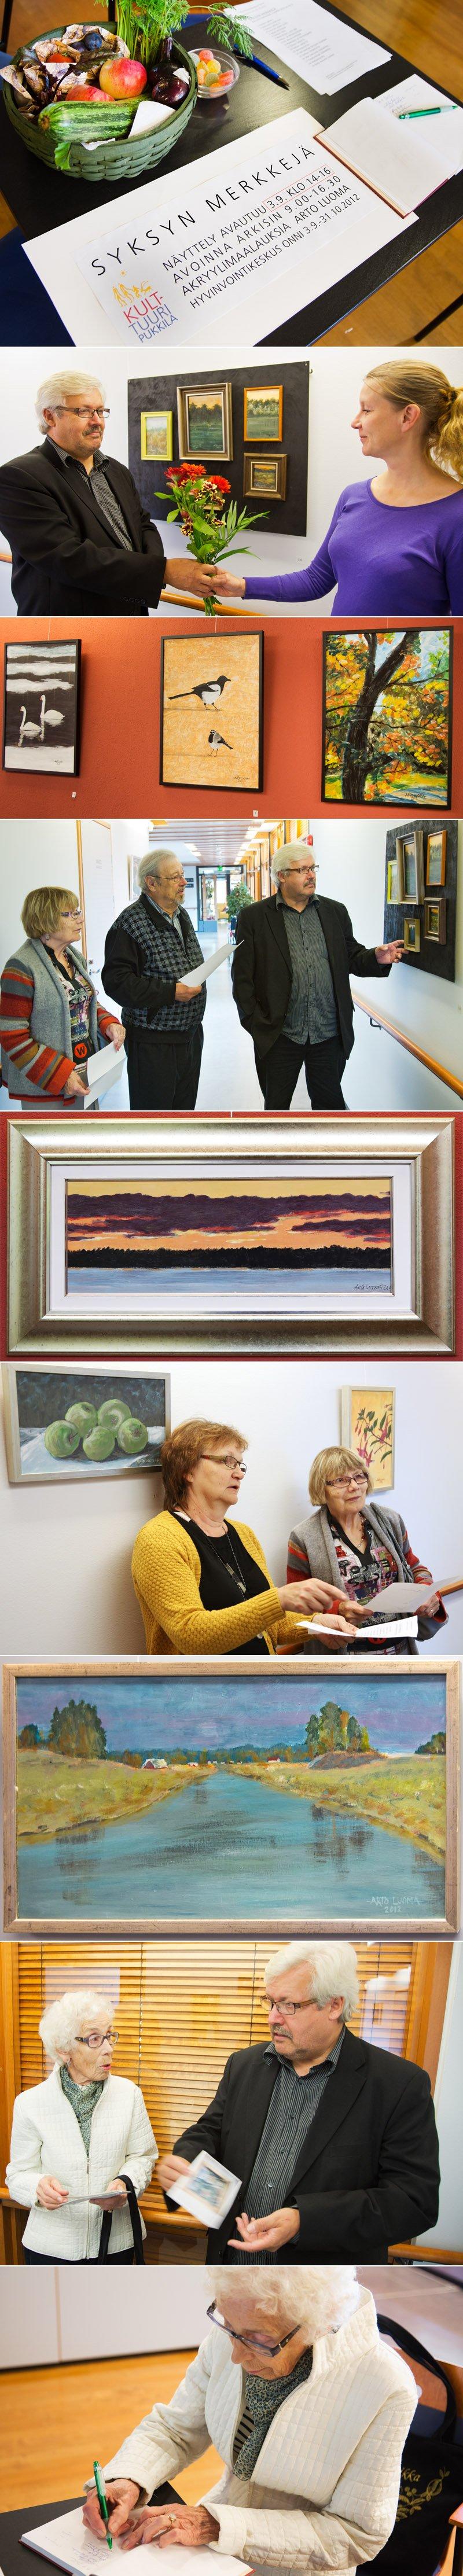 Galleria Onni-Arto